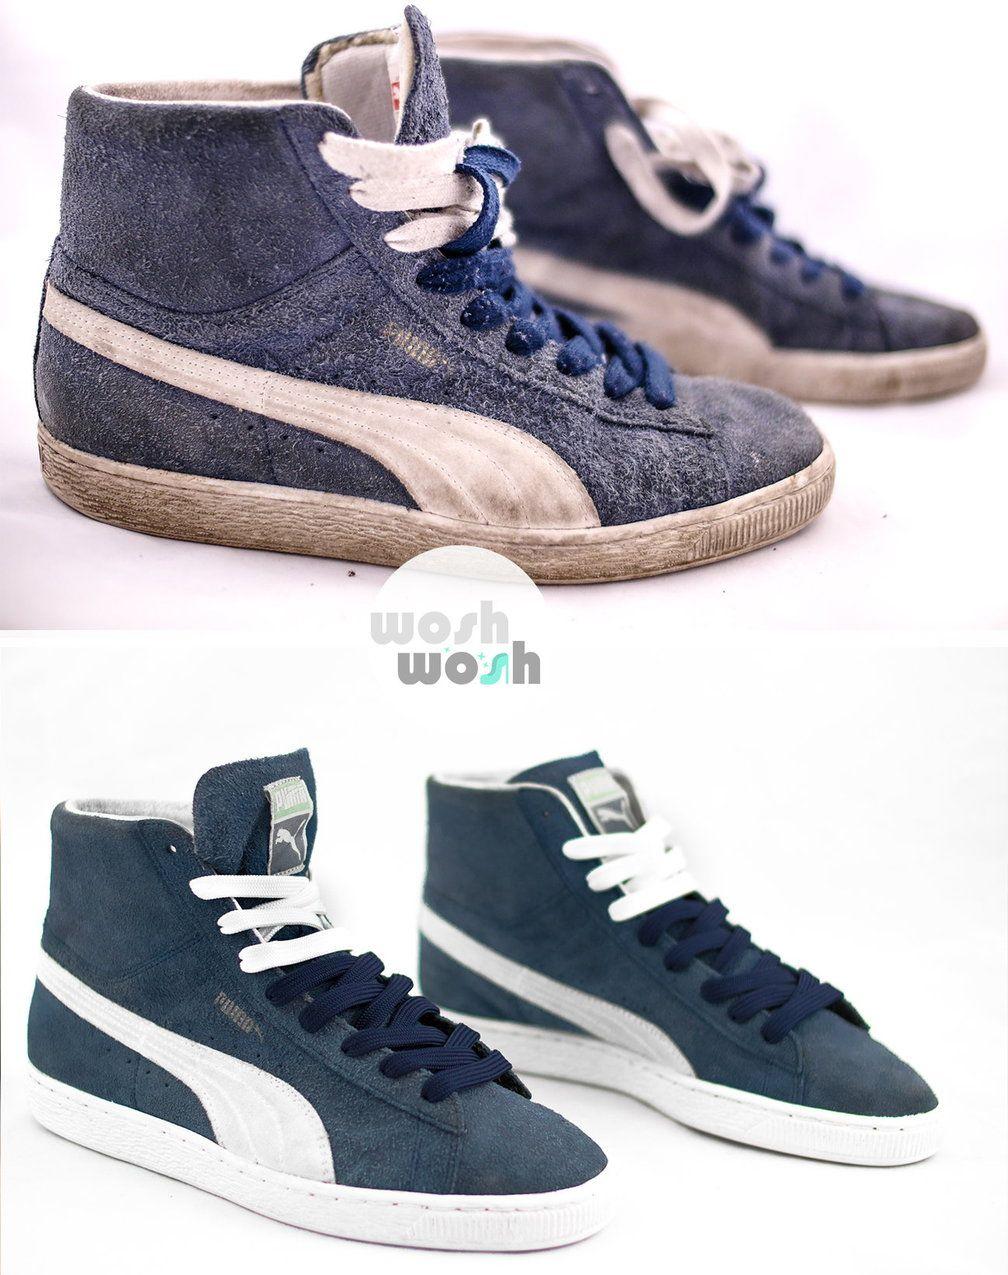 Wosh Wosh Kompleksowa Renowacja I Personalizacja Obuwia Puma Sneaker Fashion Shoes